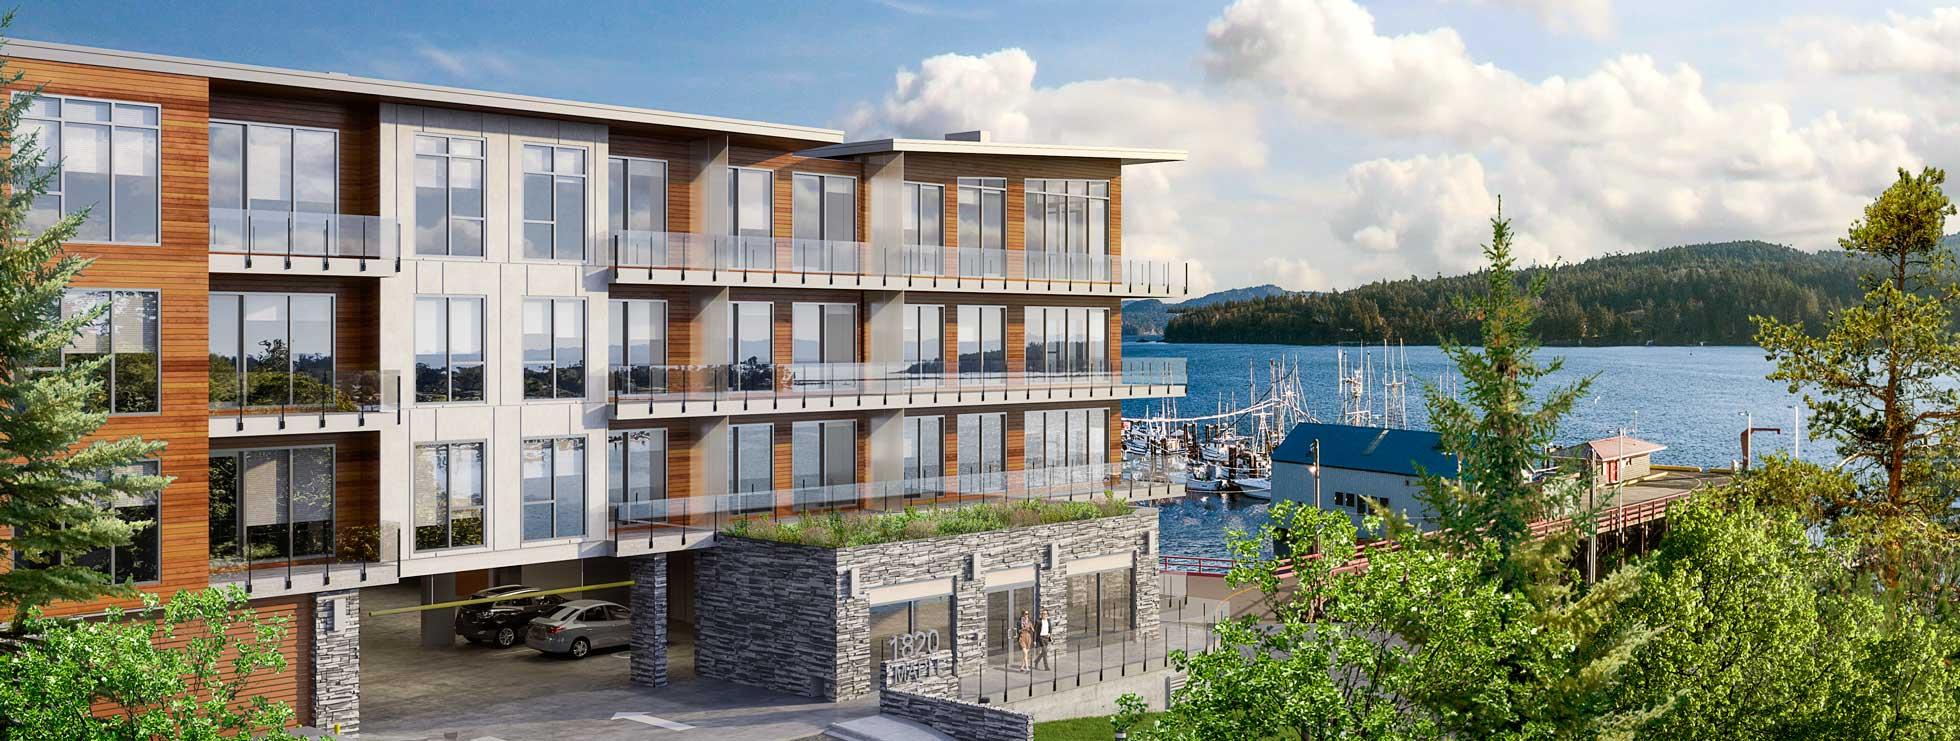 Residences Sooke Harbour Presale Condo Rendering